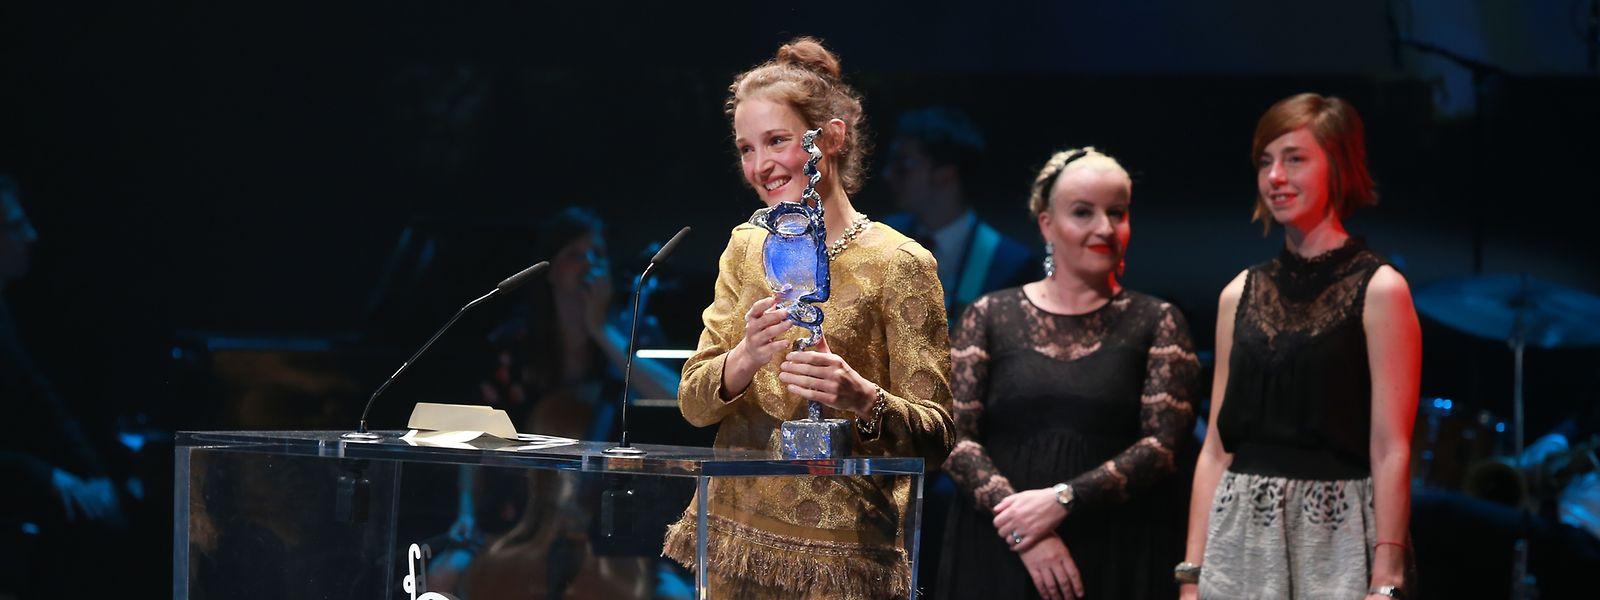 Vicky Krieps a remporté le prix de la meilleure performance pour son rôle dans le film Gutland